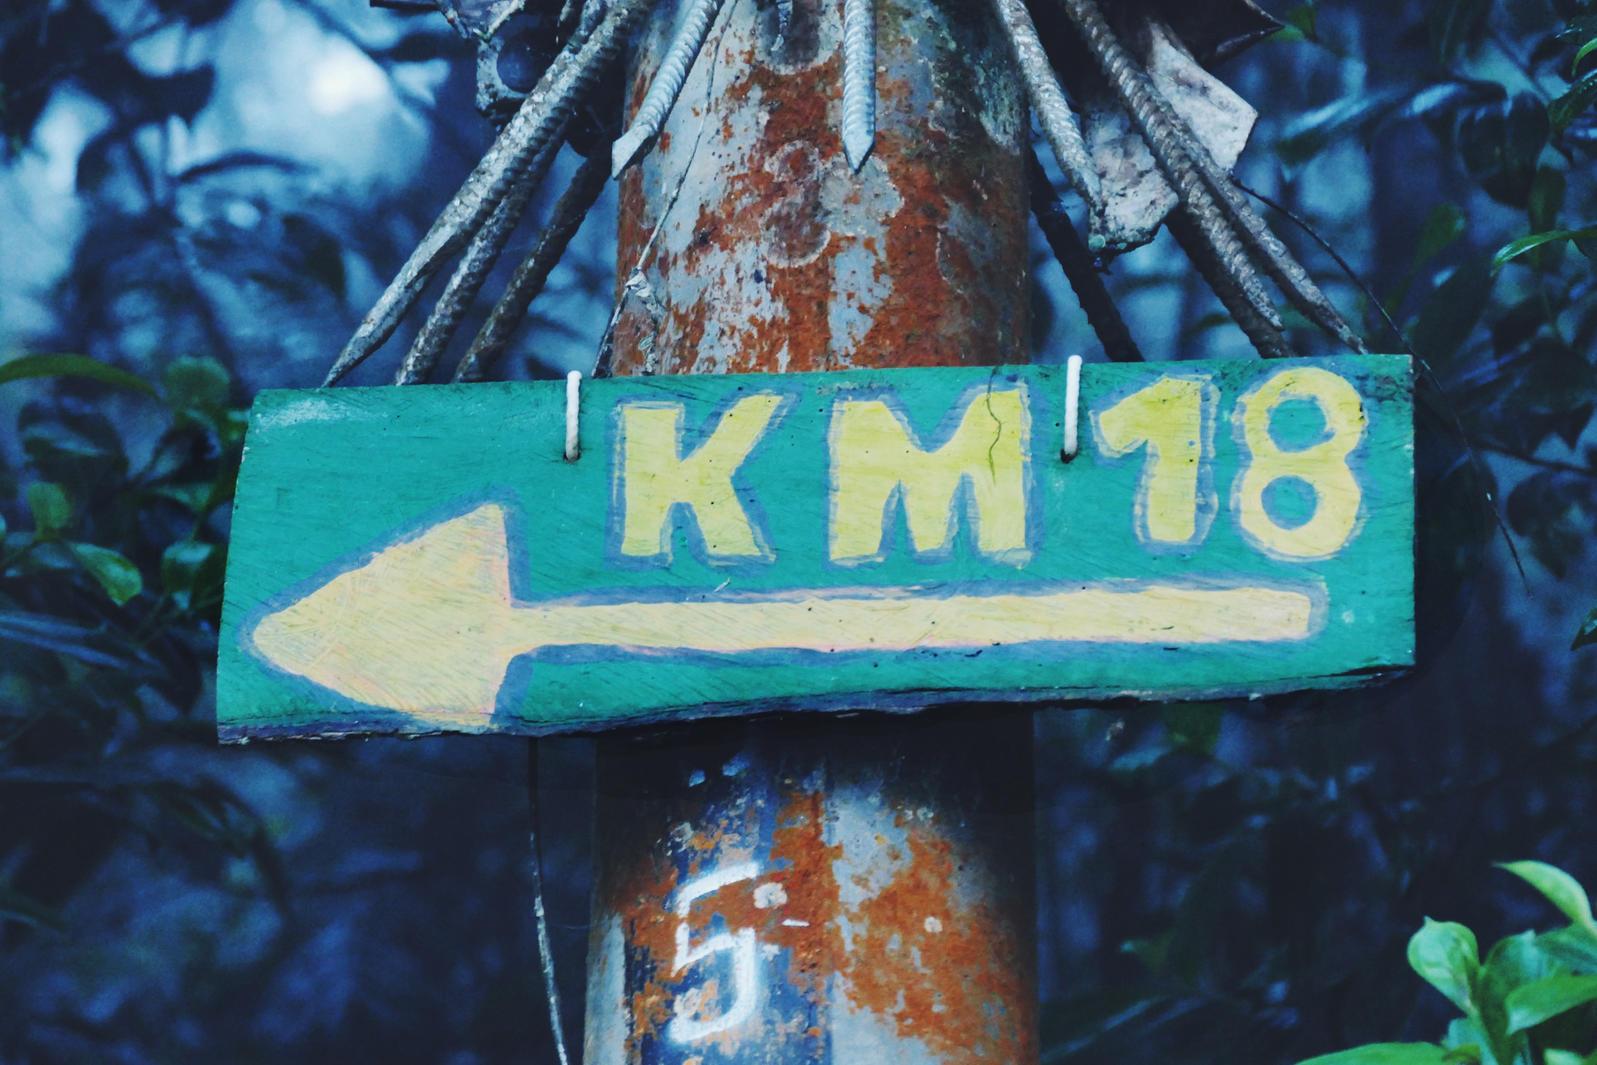 """""""Kilometer 18"""" is one of the best birding spots near Cali, Colombia. Noah Strycker"""